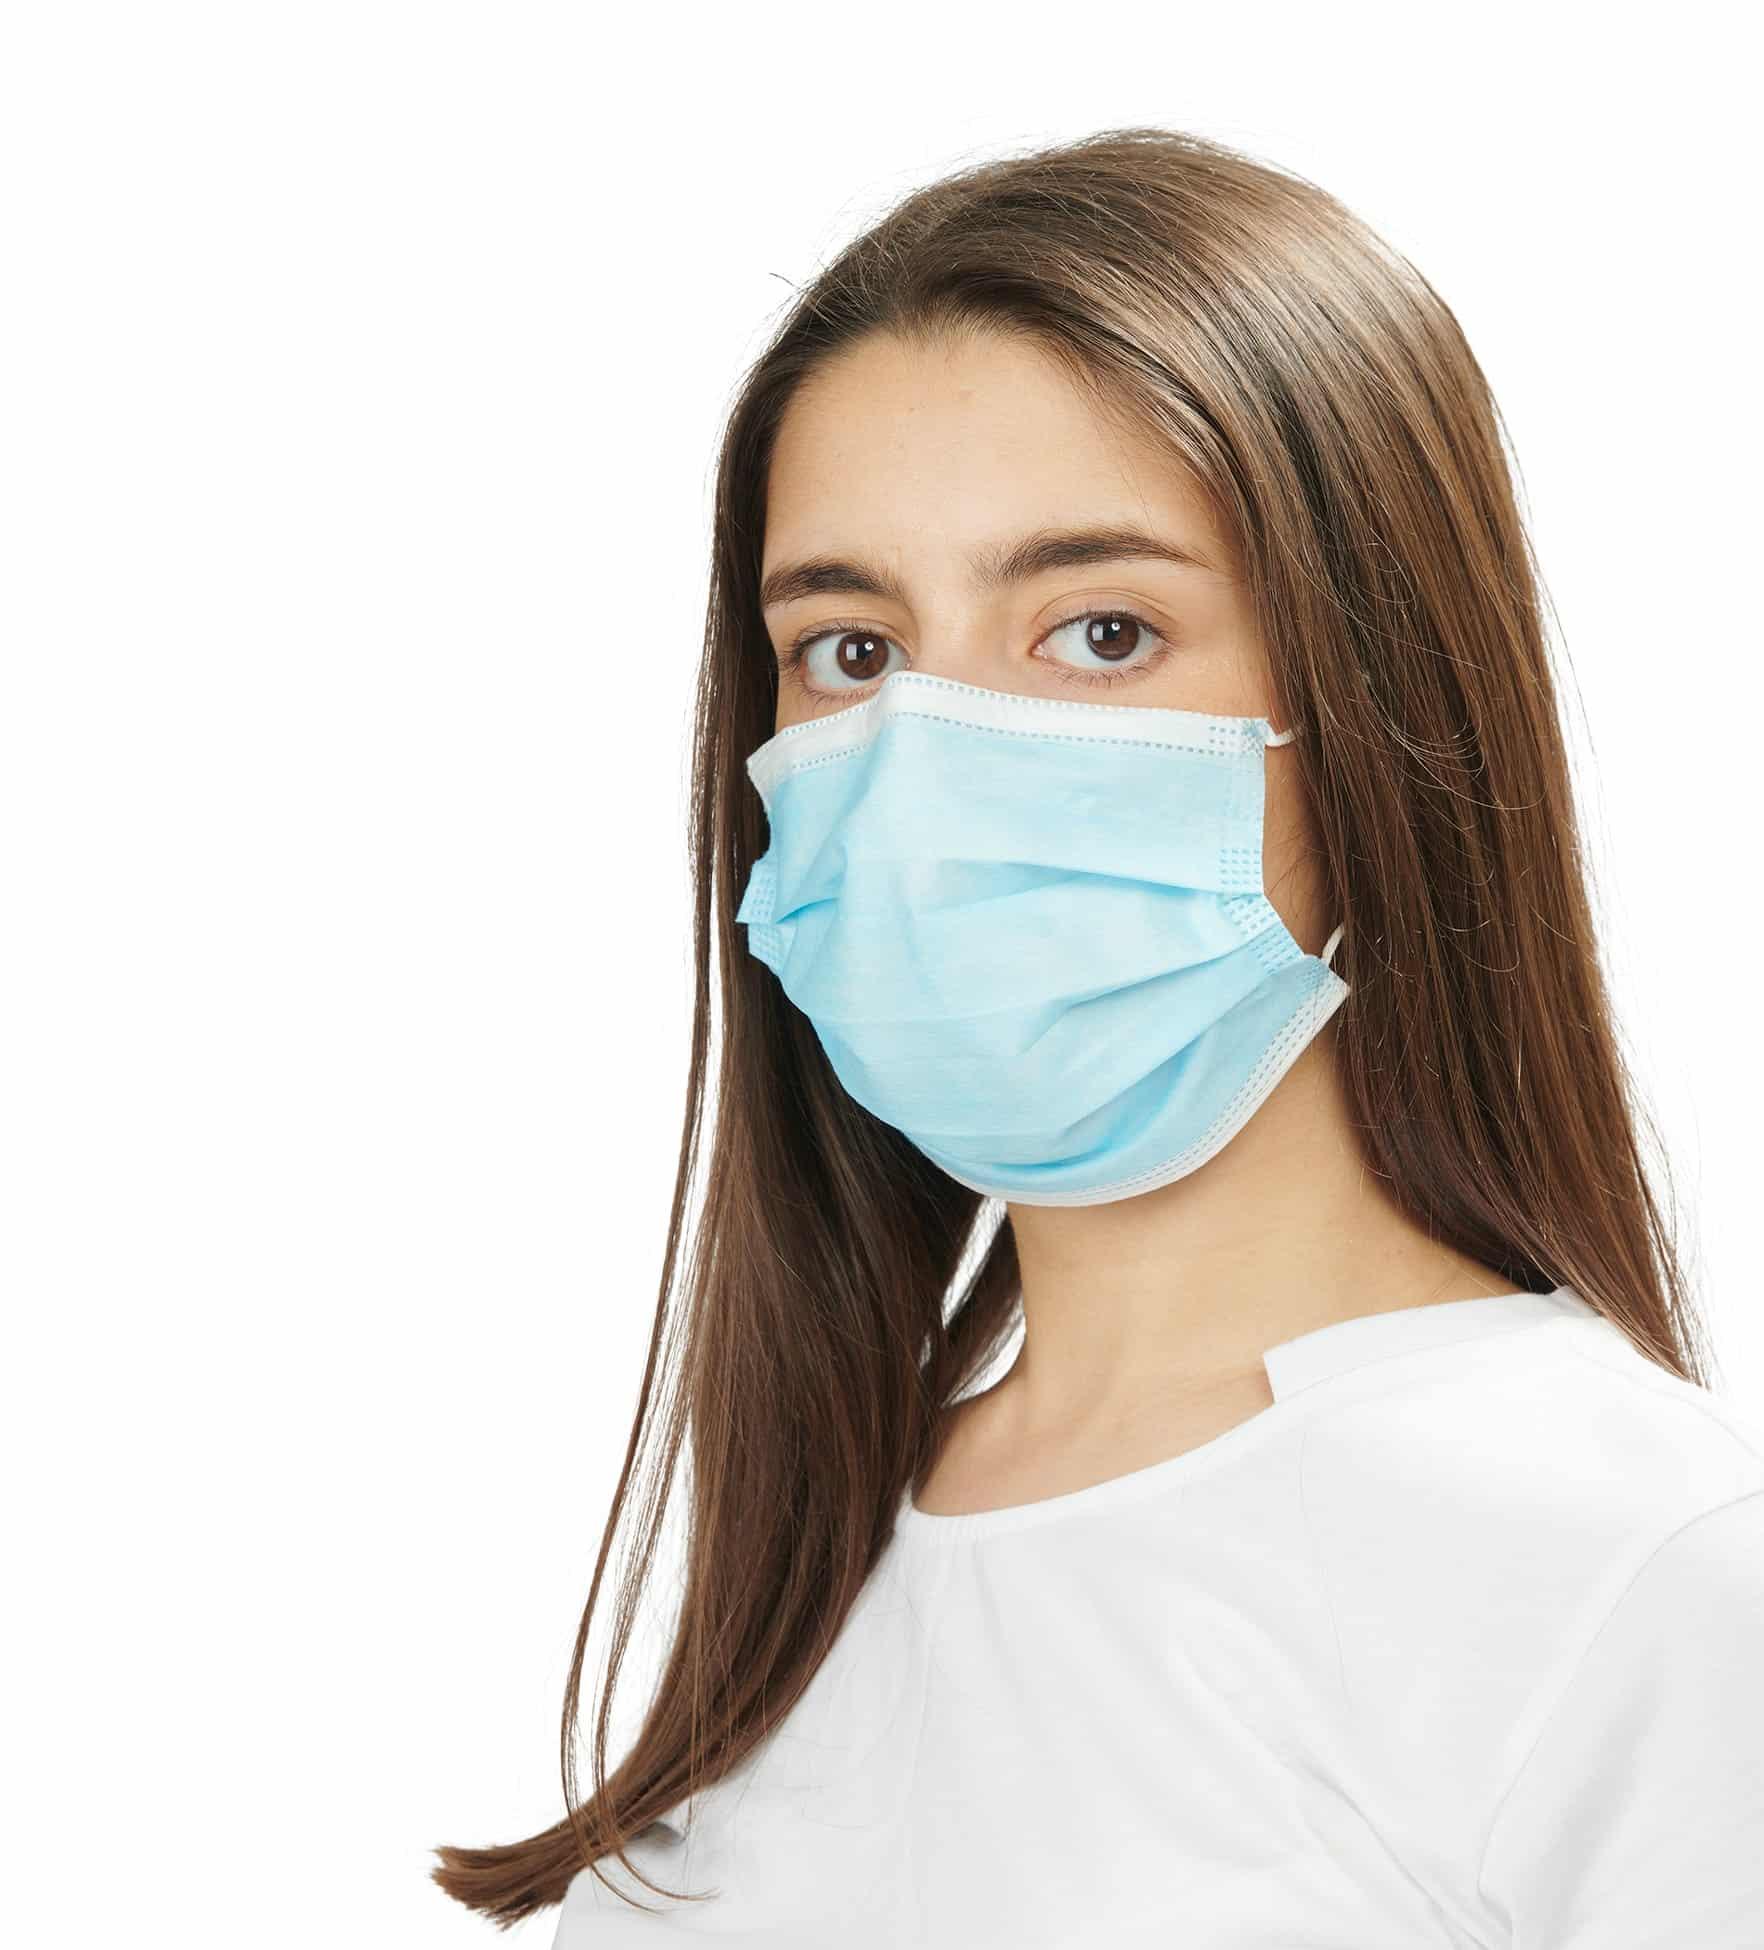 máscaras cirúrgicas 2 - surgical masks - clothe protect